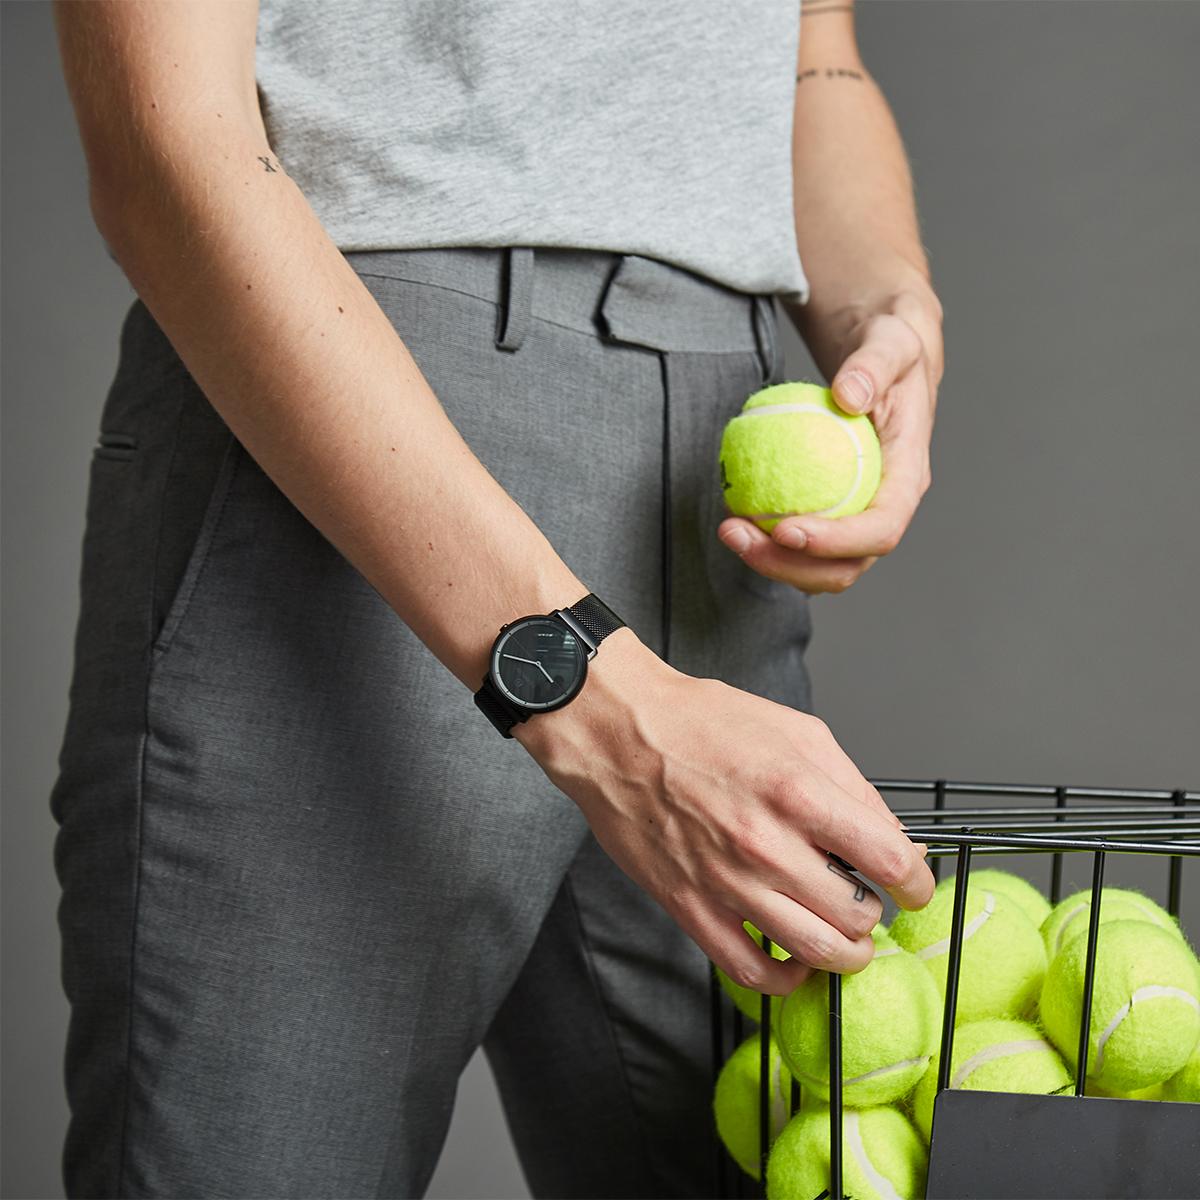 電池式(CR2032)。24時間、あなたの活動量も睡眠も見守ってくれるスマートウォッチ|noerden(サファイアガラスタイプ)